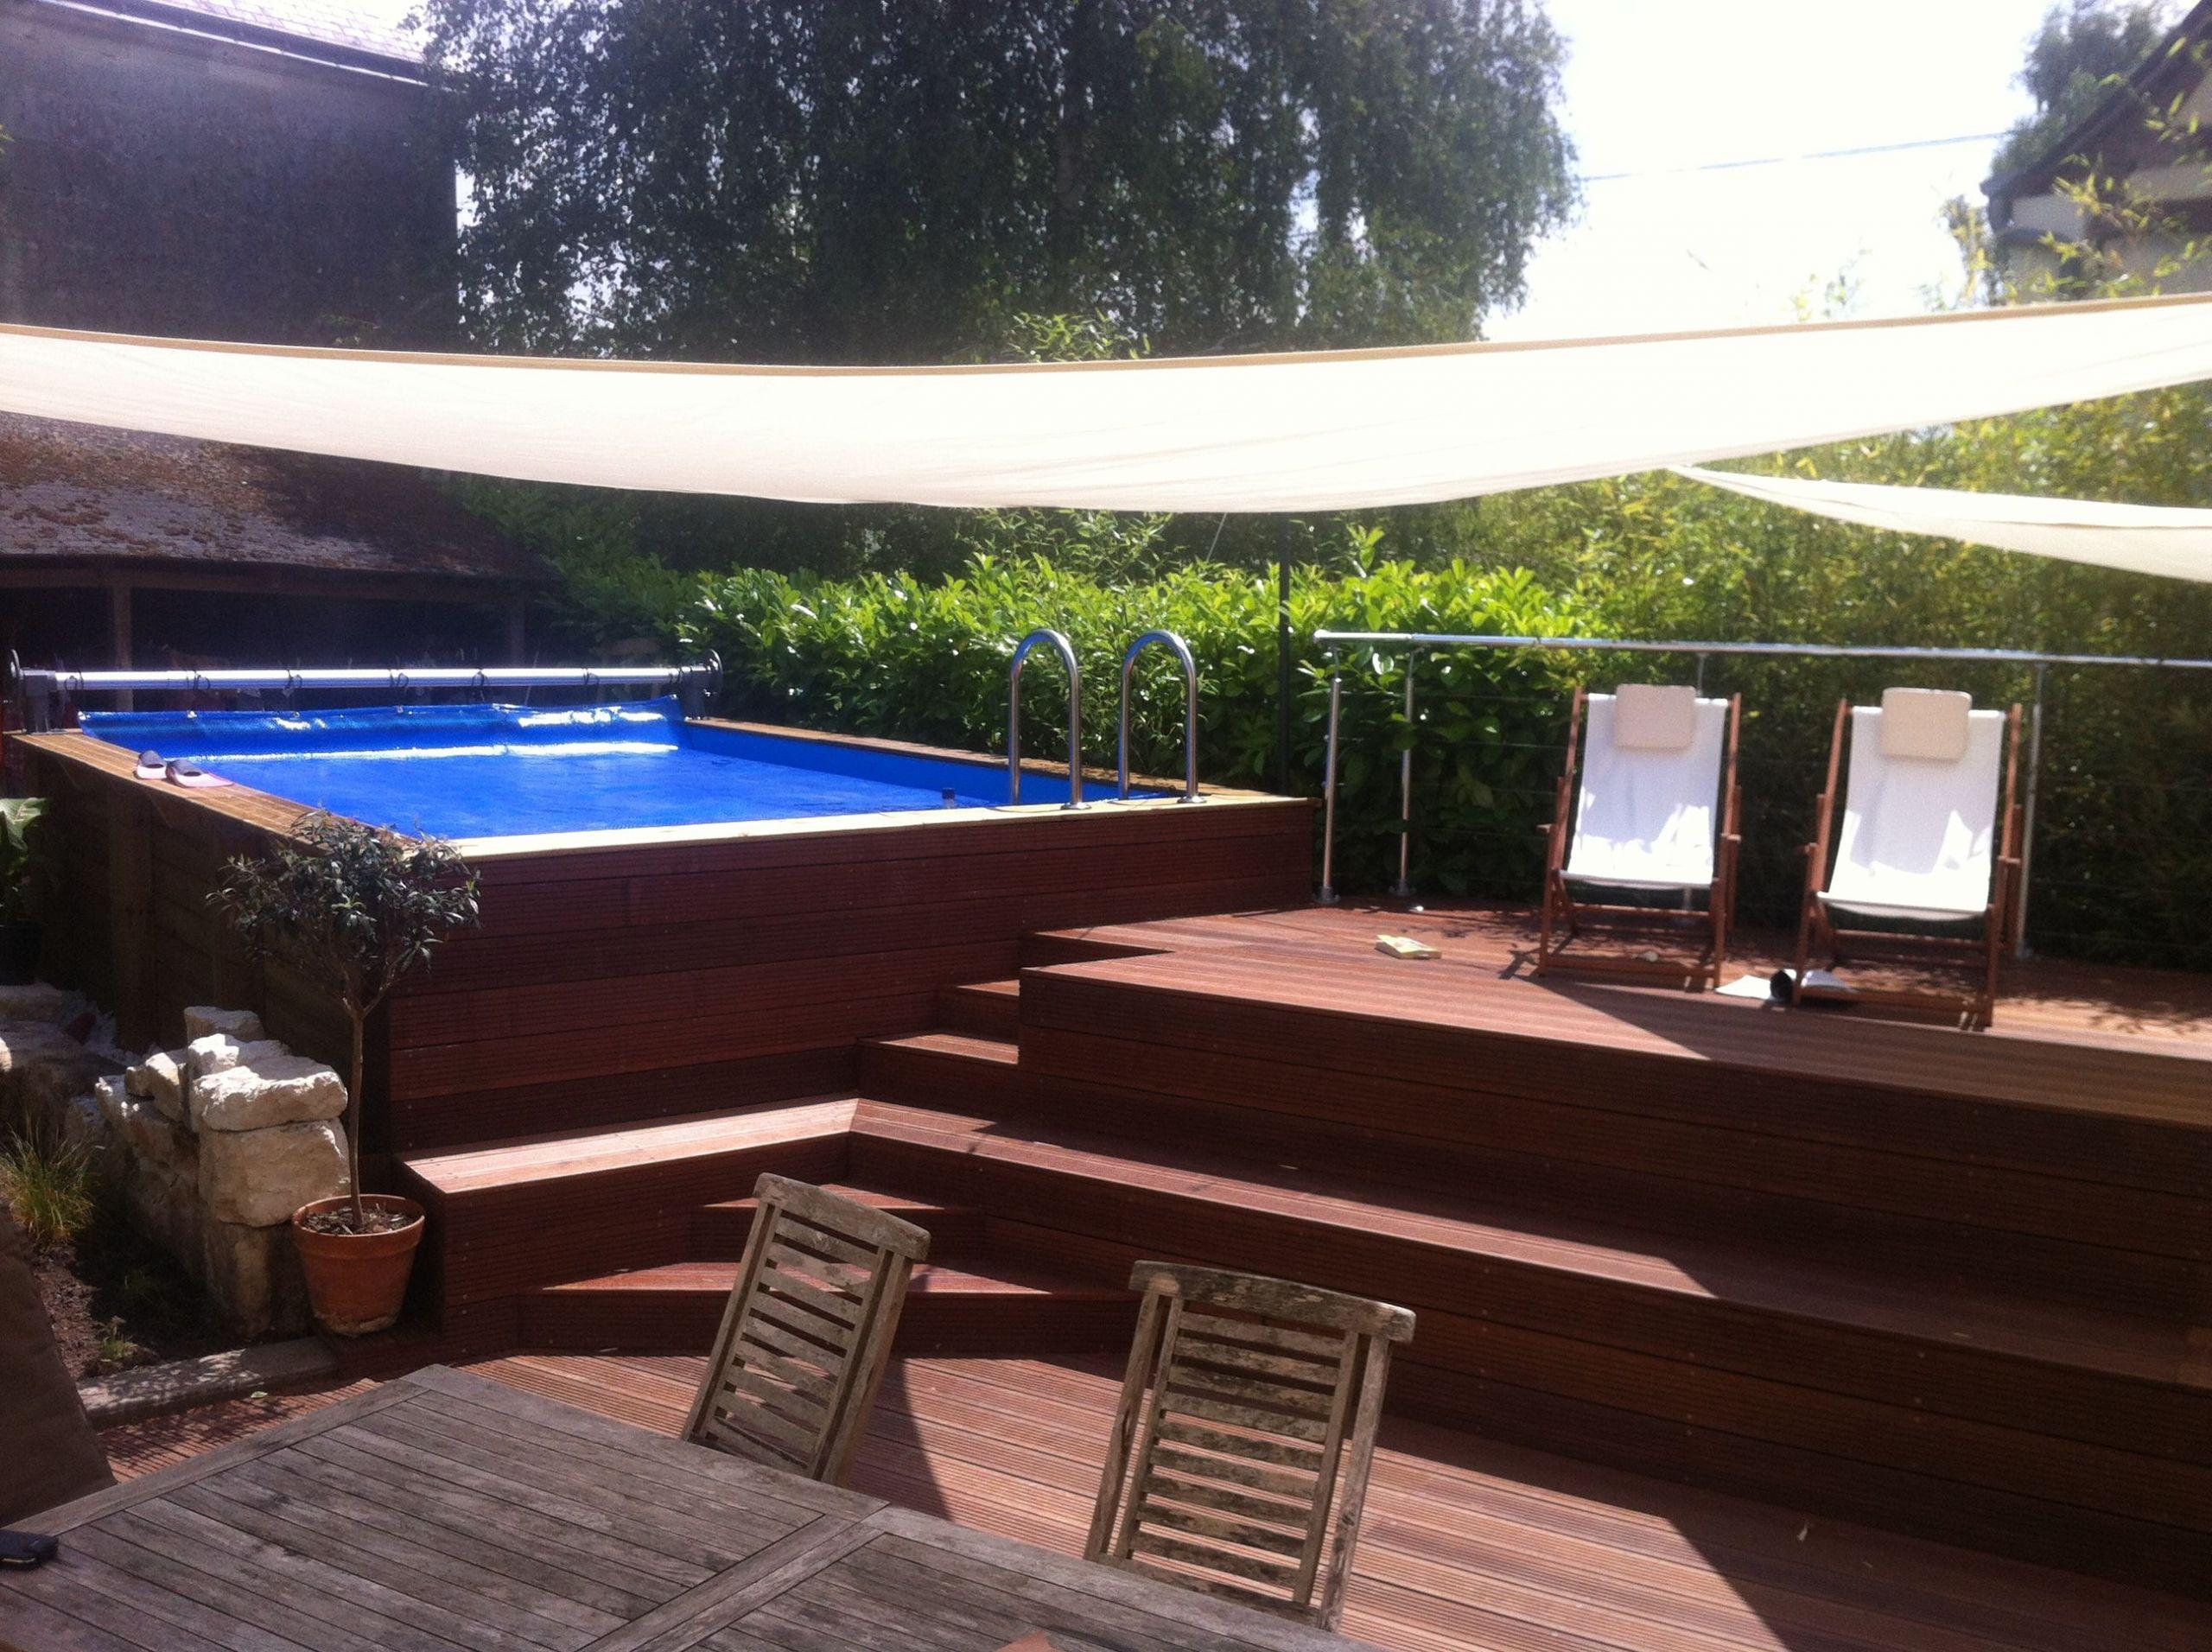 piscine hors sol intégrée dans une terrasse bois